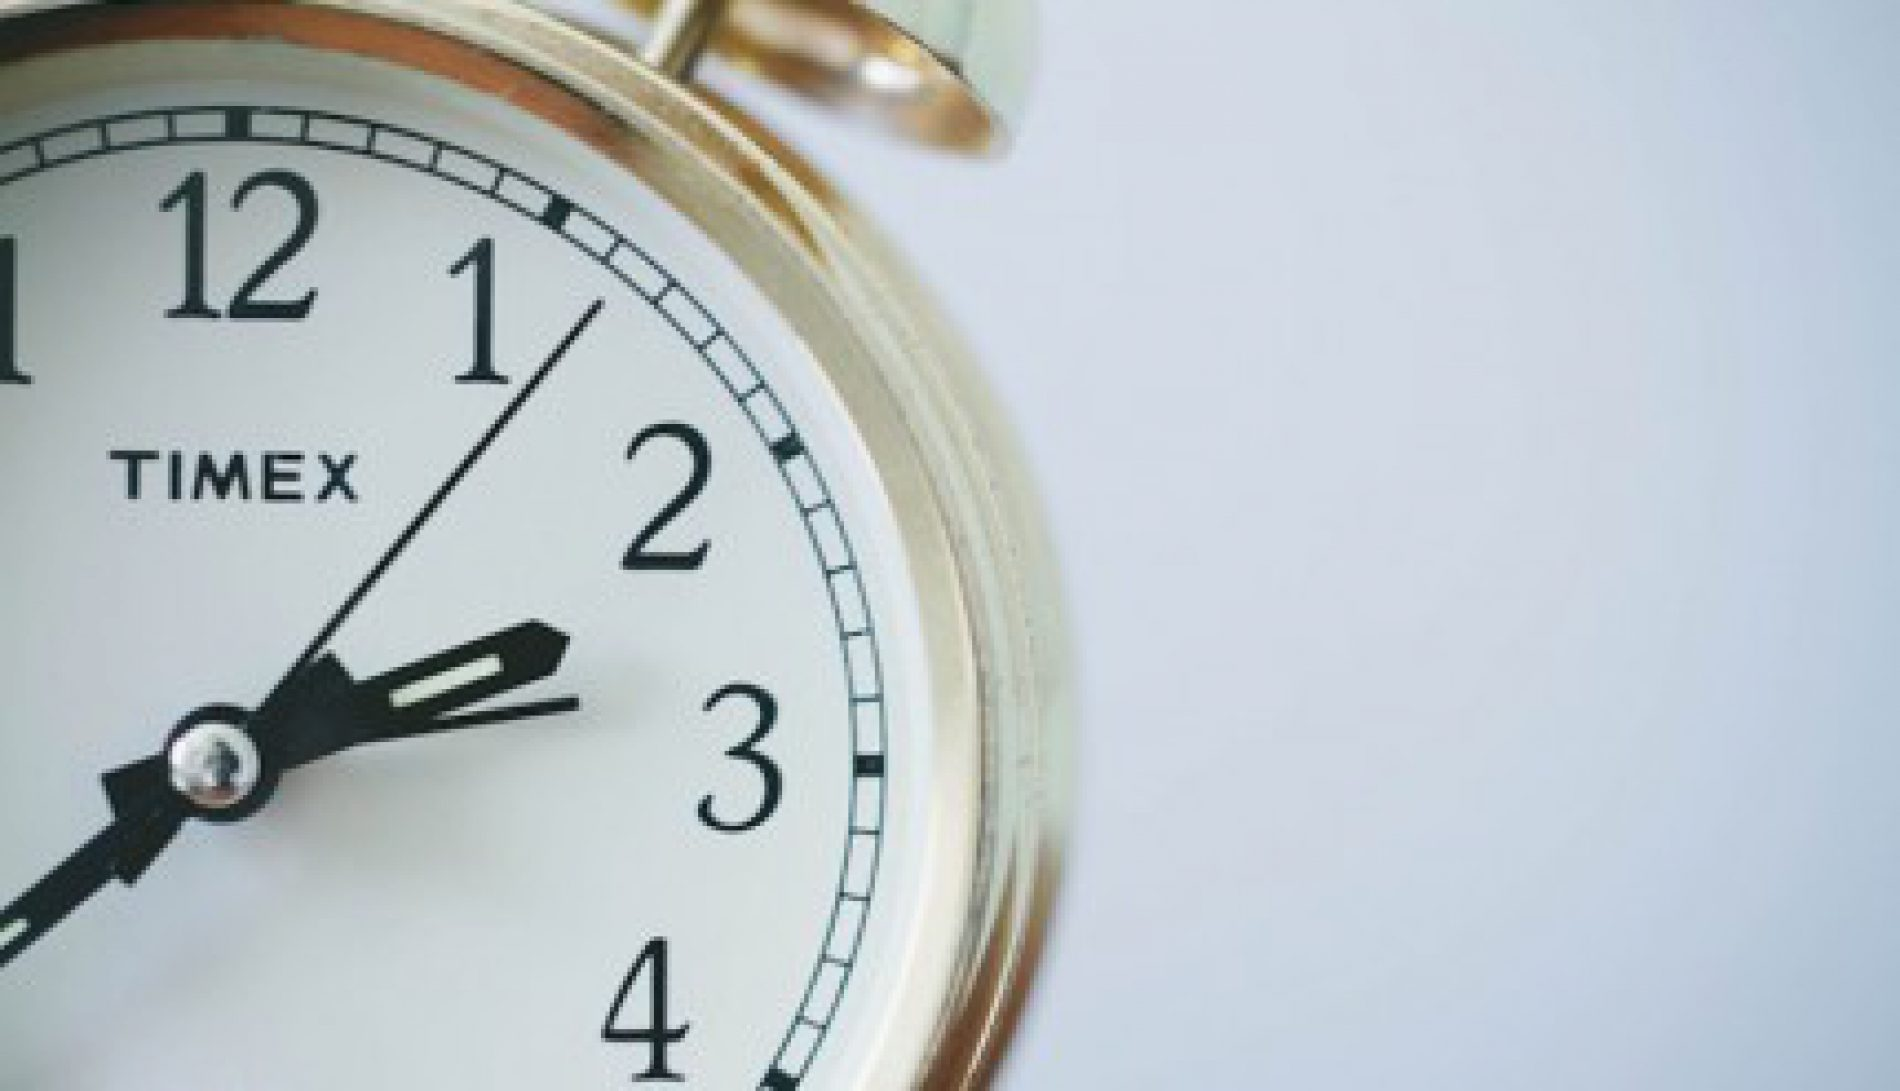 Part-time e possibilità di un secondo lavoro [E.Massi]